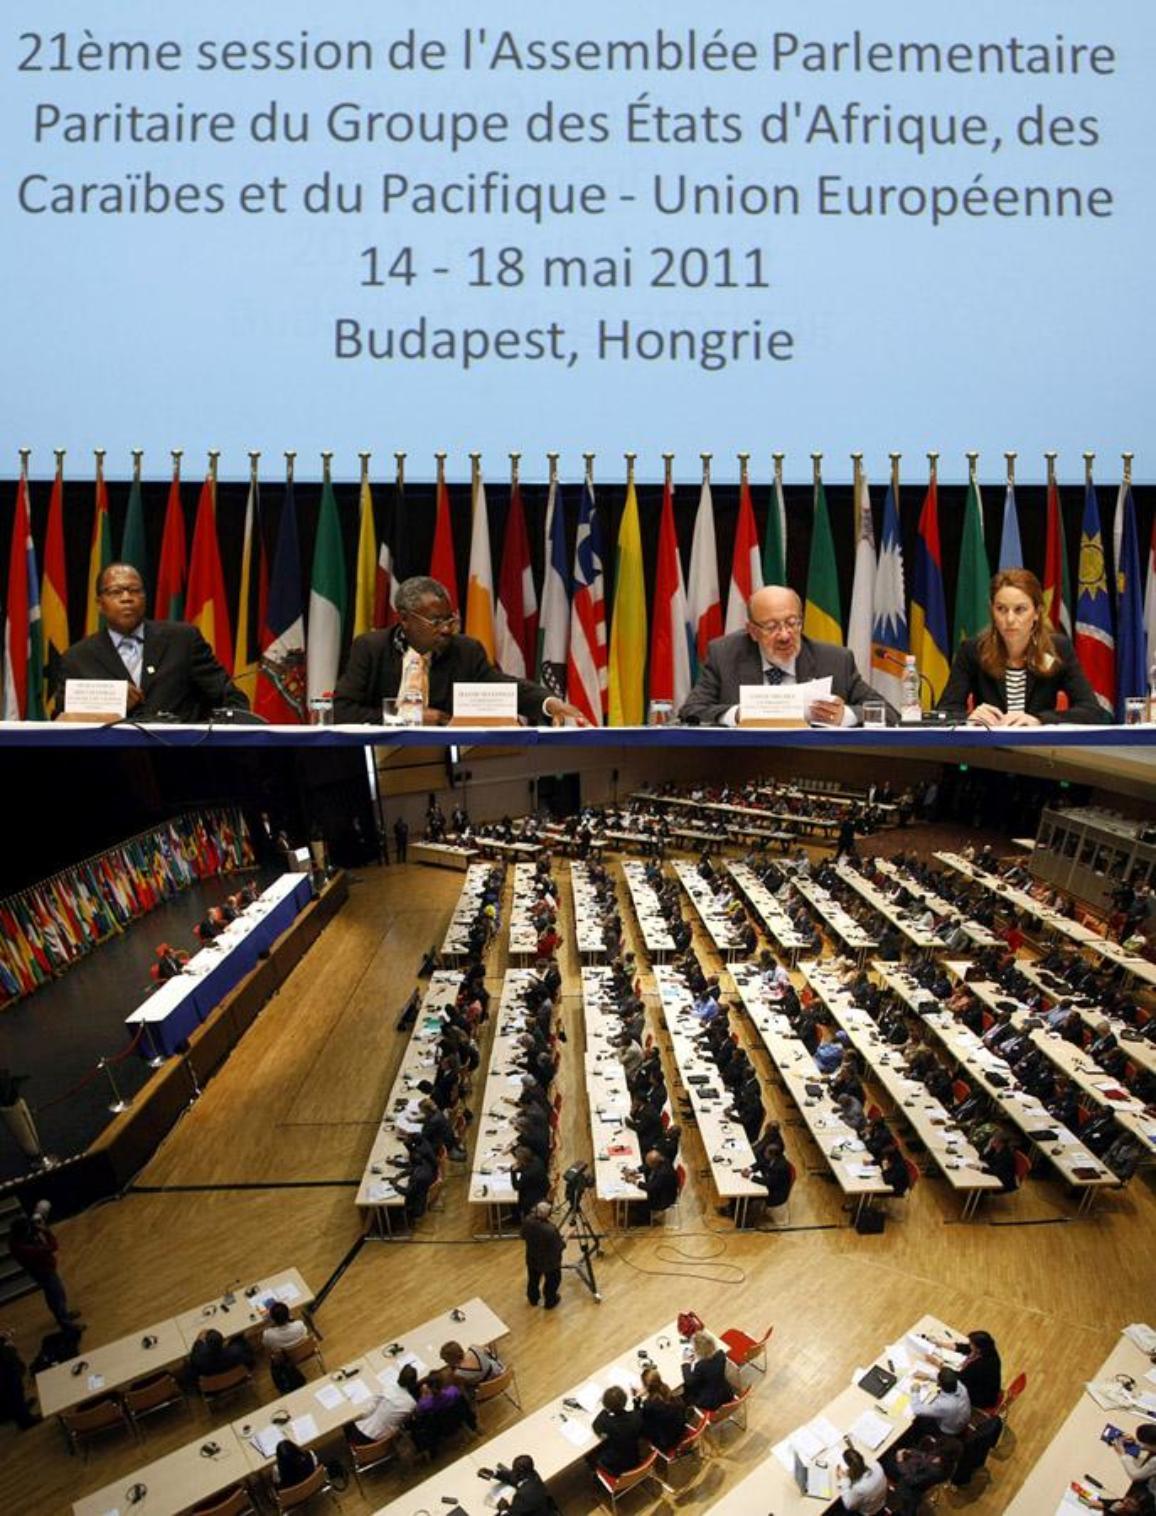 Versammlung der Abgeordneten aus EU Parlament und den AKP-Staaten